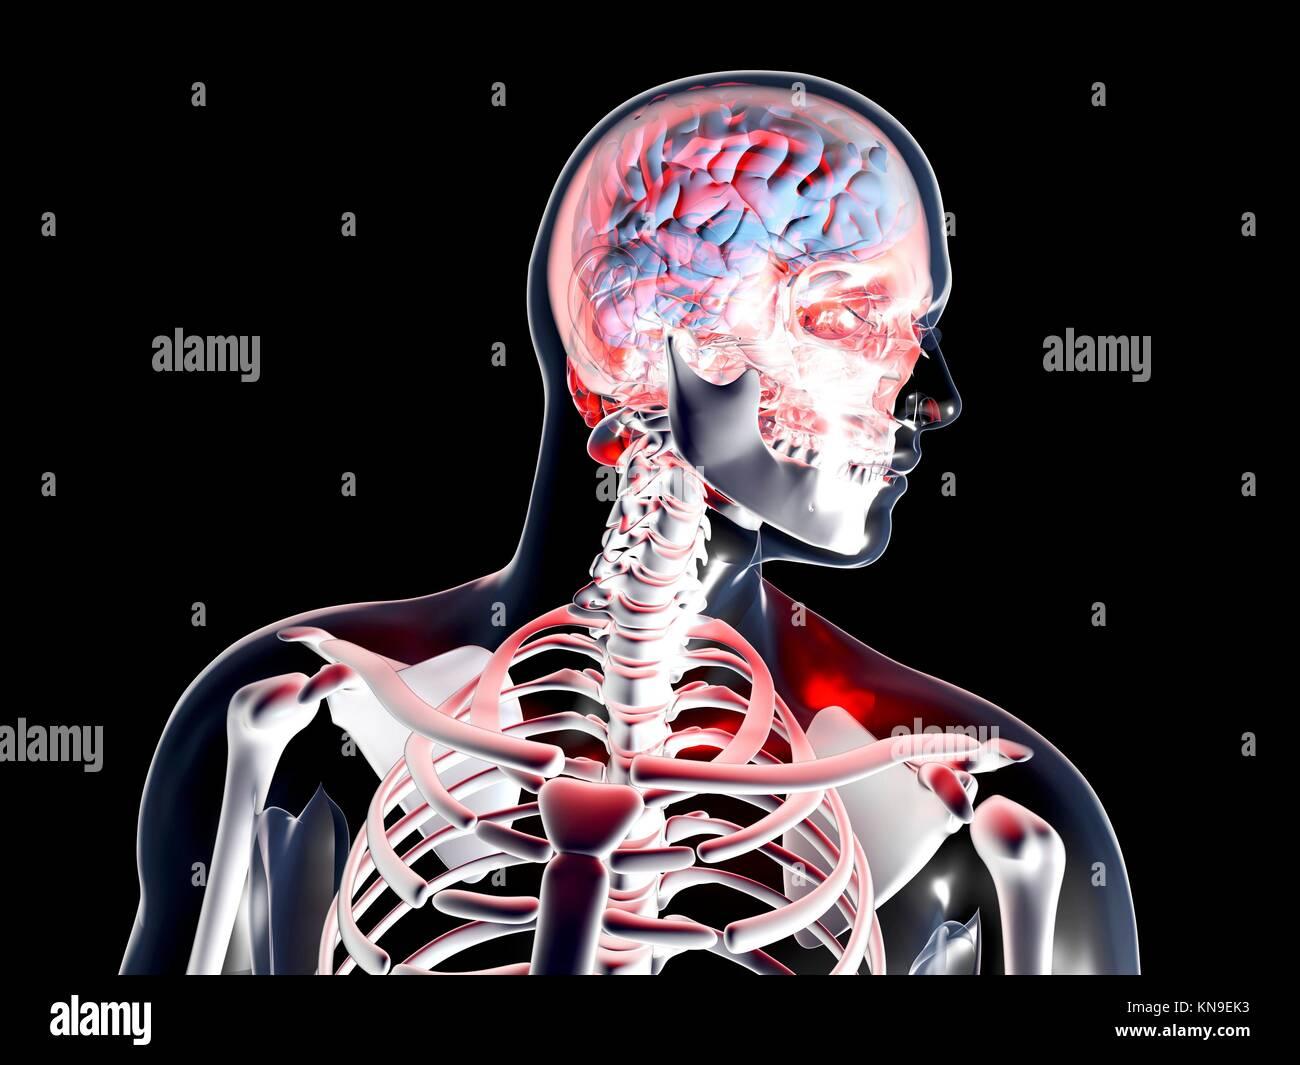 Mal di testa e depressione. 3D reso illustrazione. Isolato su nero. Immagini Stock